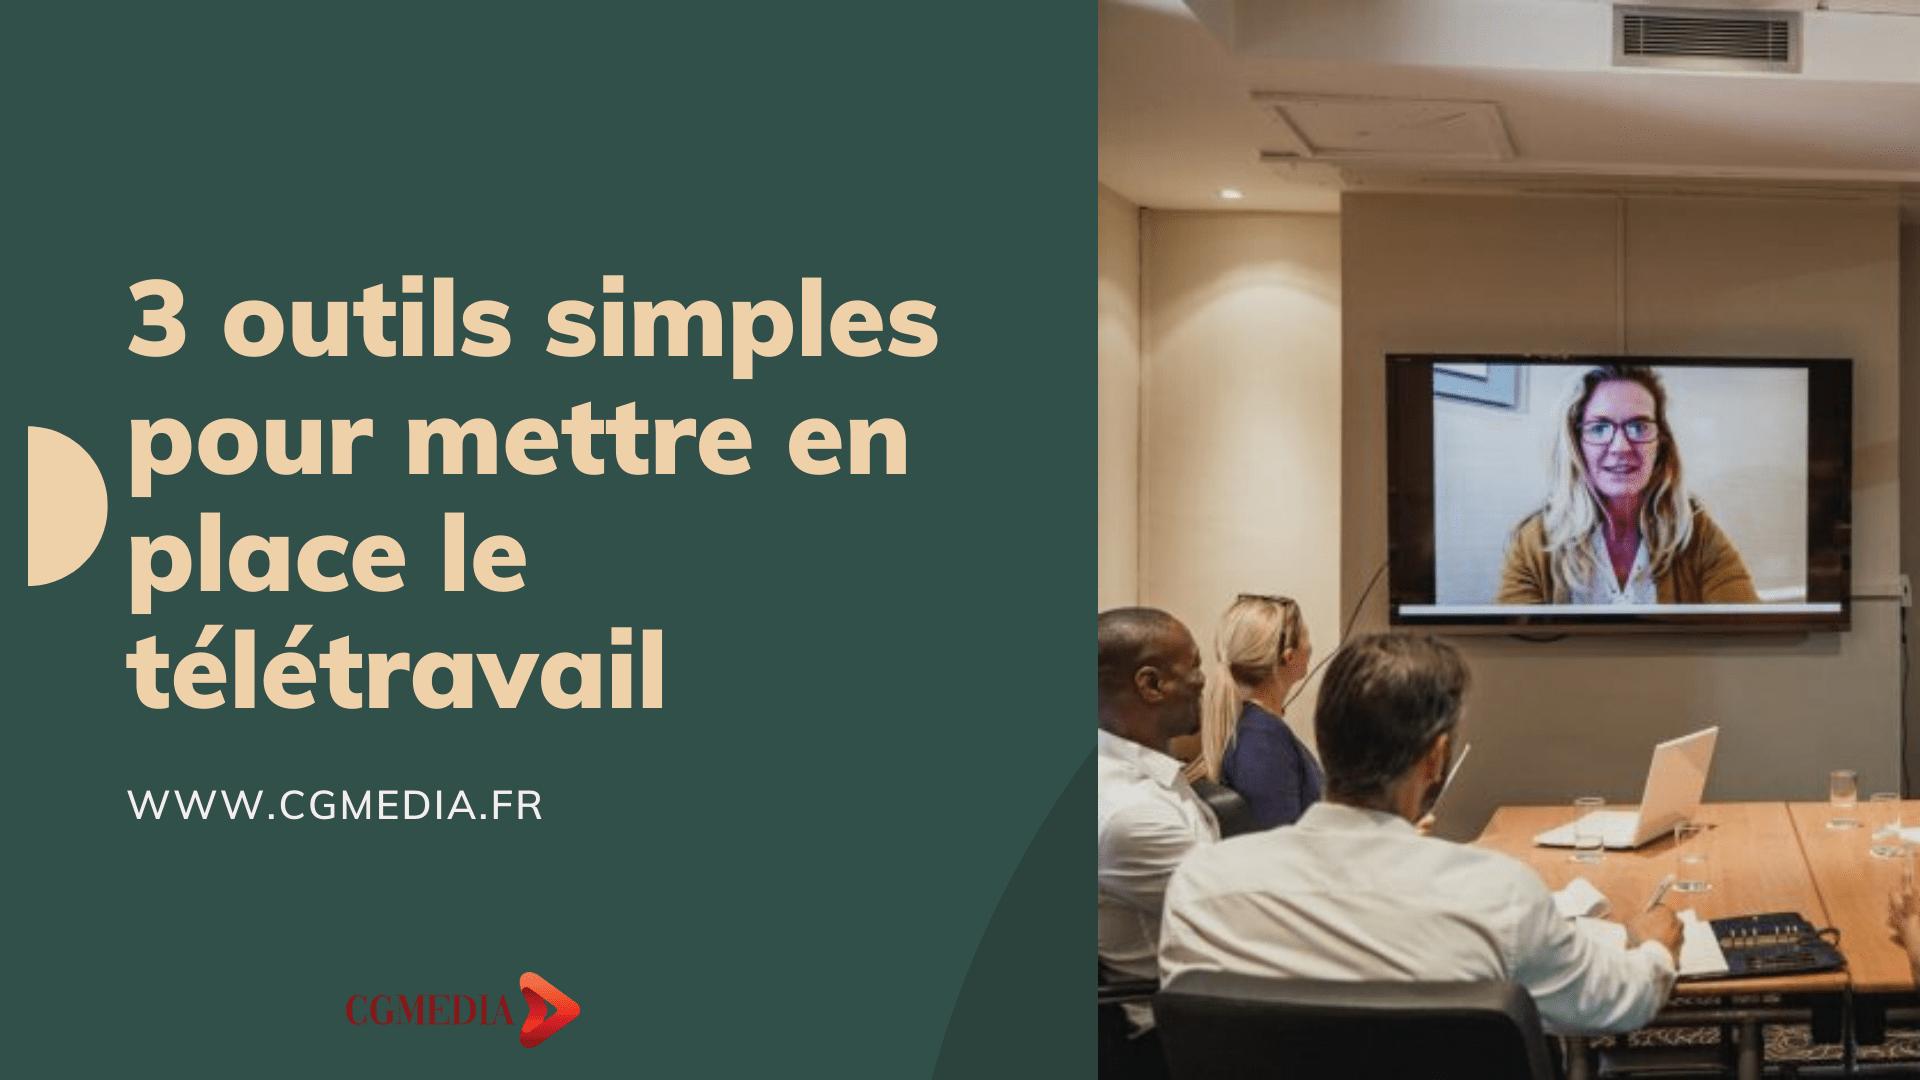 3 outils simples pour mettre en place le télétravail - CGMEDIA